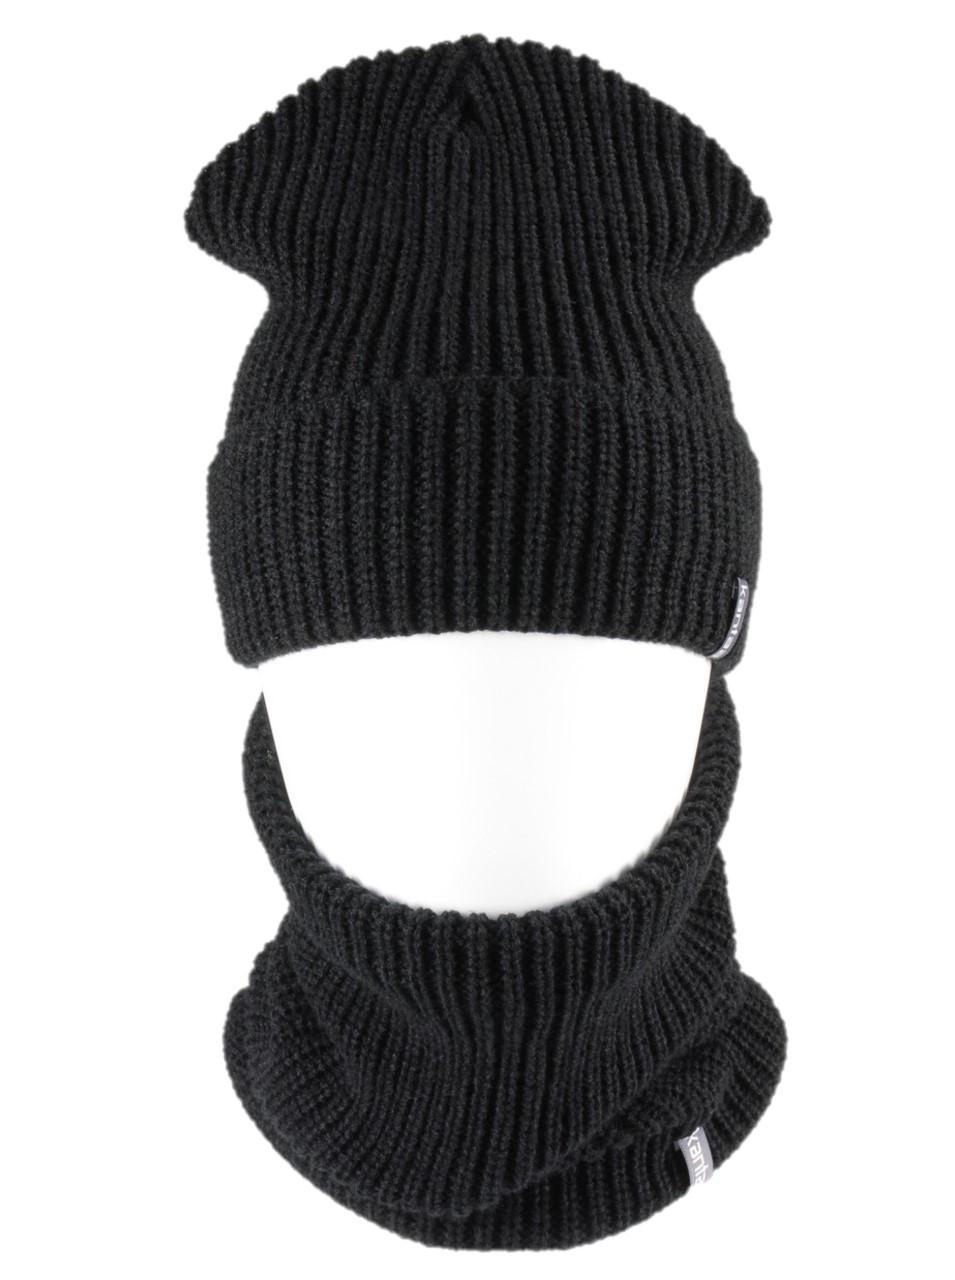 Вязаная шапка с Buff снуд КАНТА унисекс размер взрослый, черный (OC-080)